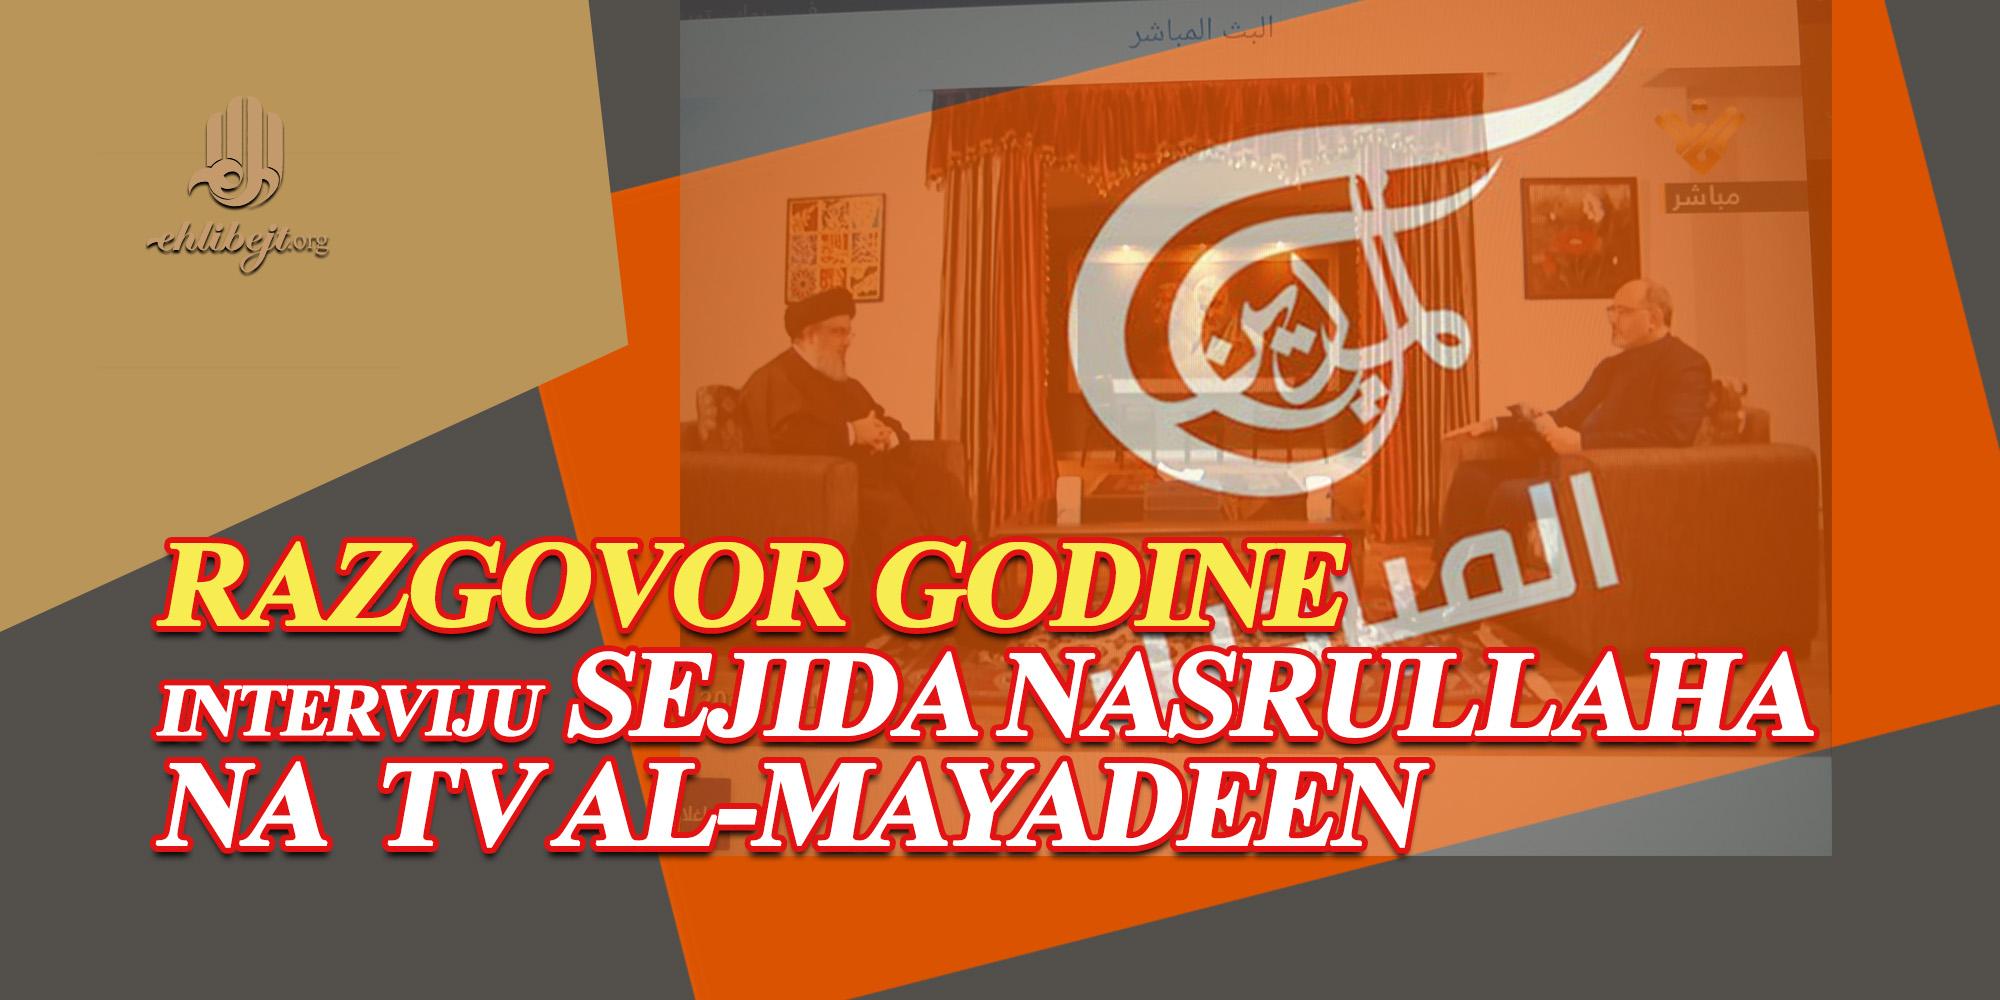 Razgovor godine - interviju sejida Nasrullaha